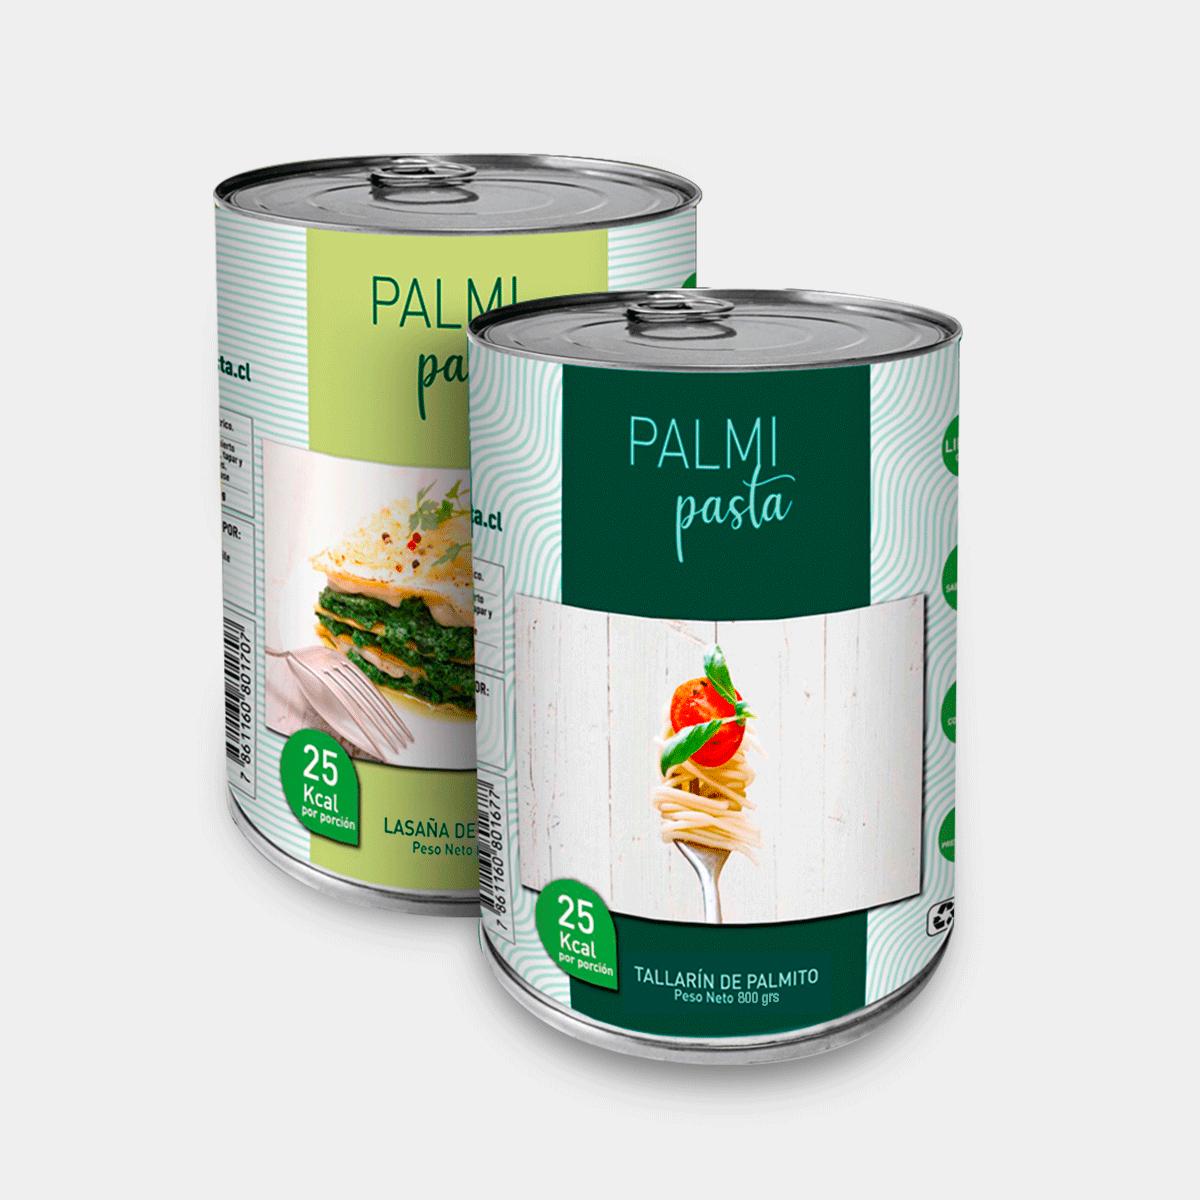 Palmipasta Lasaña 800 g.